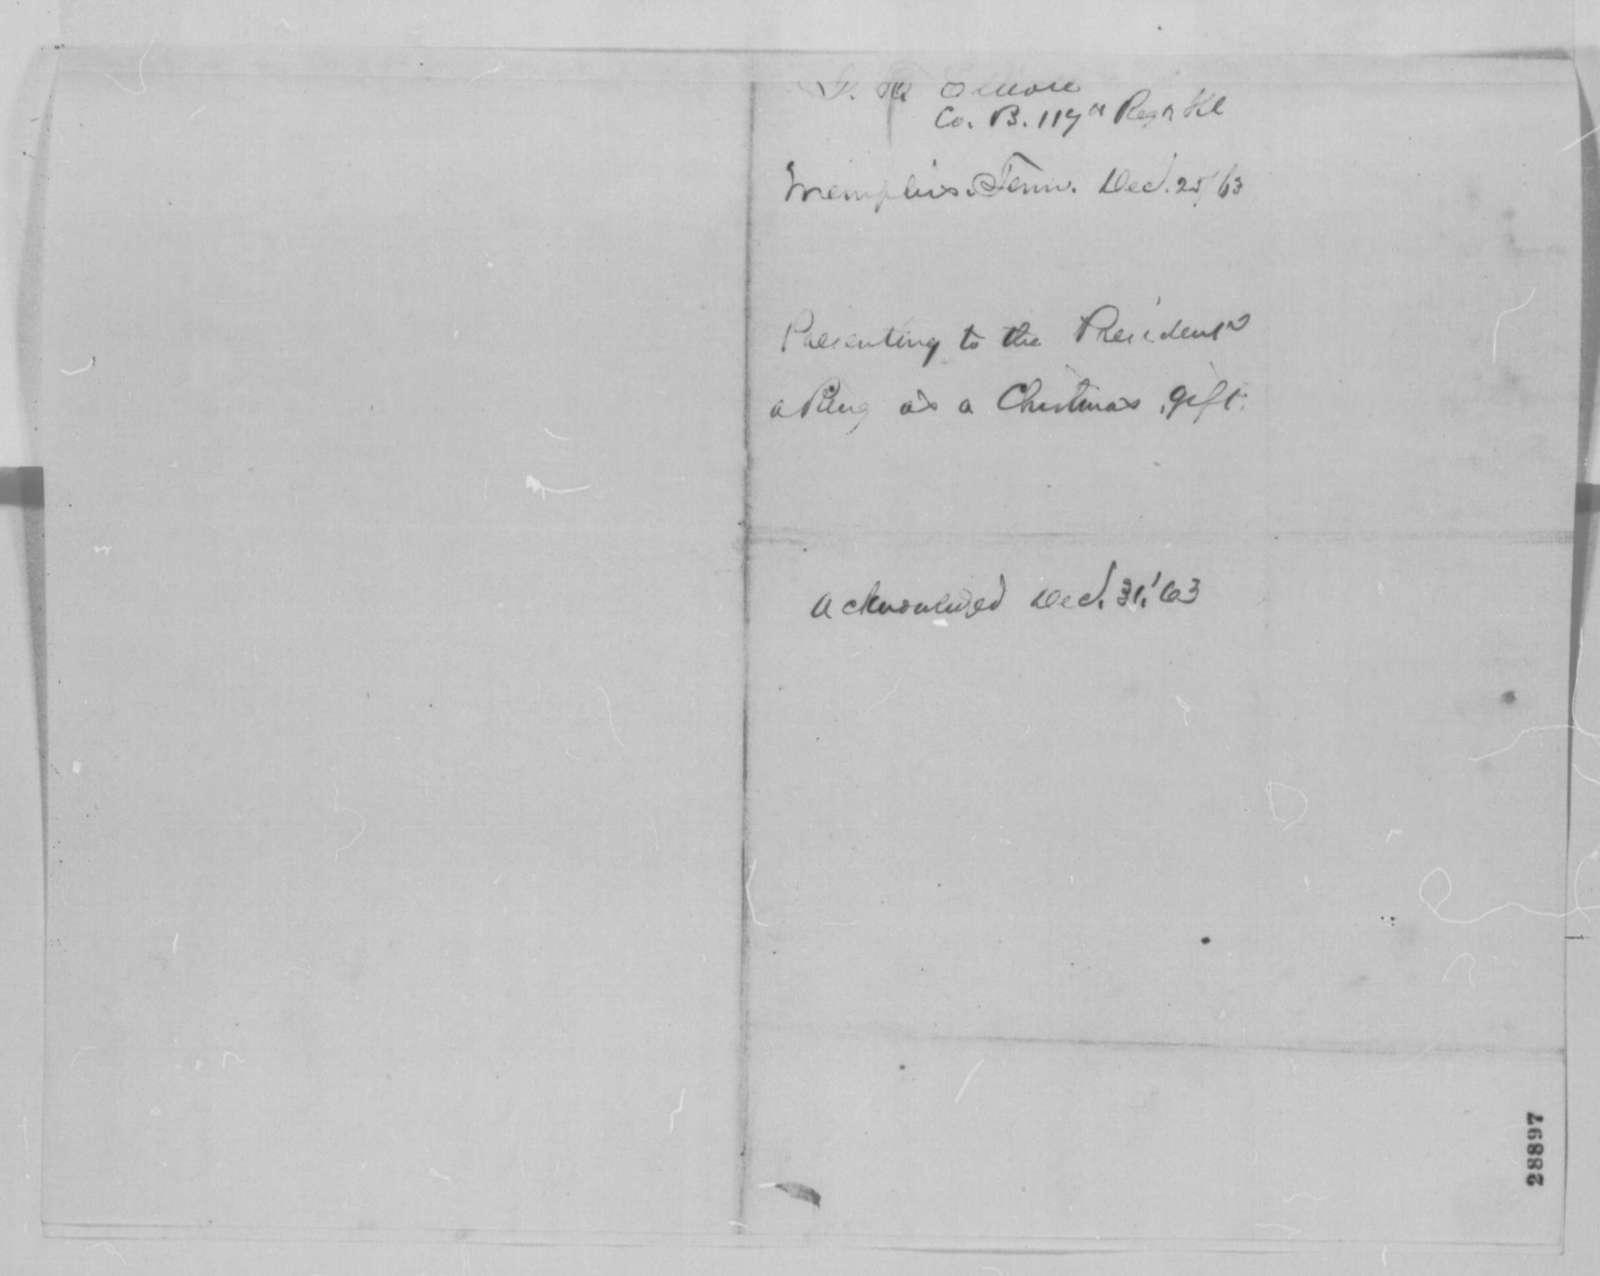 Josiah T. Elliott to Abraham Lincoln, Friday, December 25, 1863  (Sends ring)